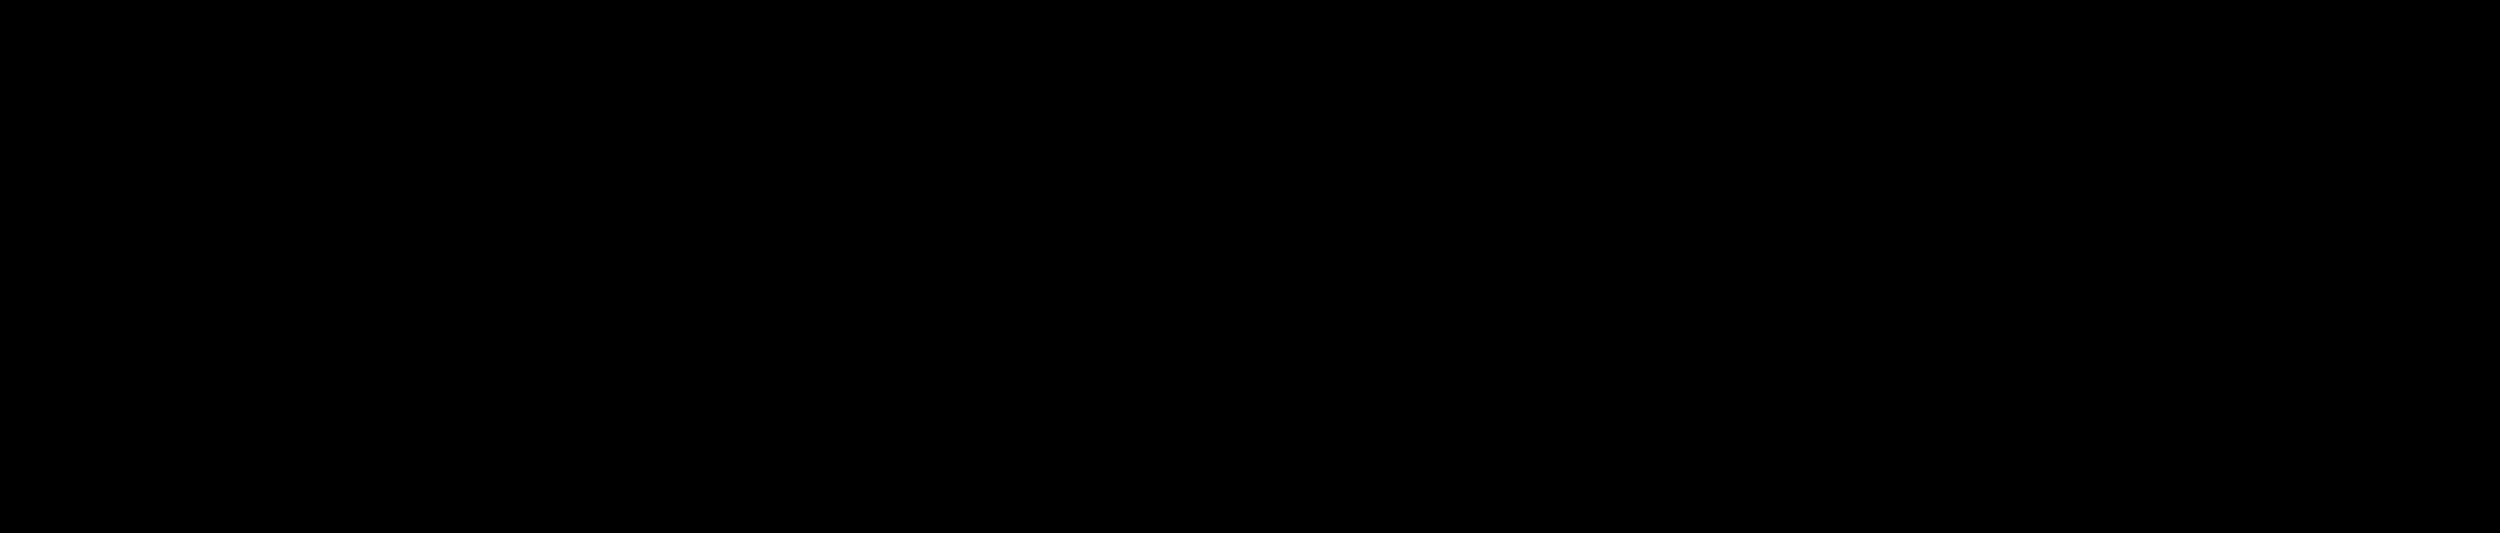 logo_thomas_jakobson_big.png